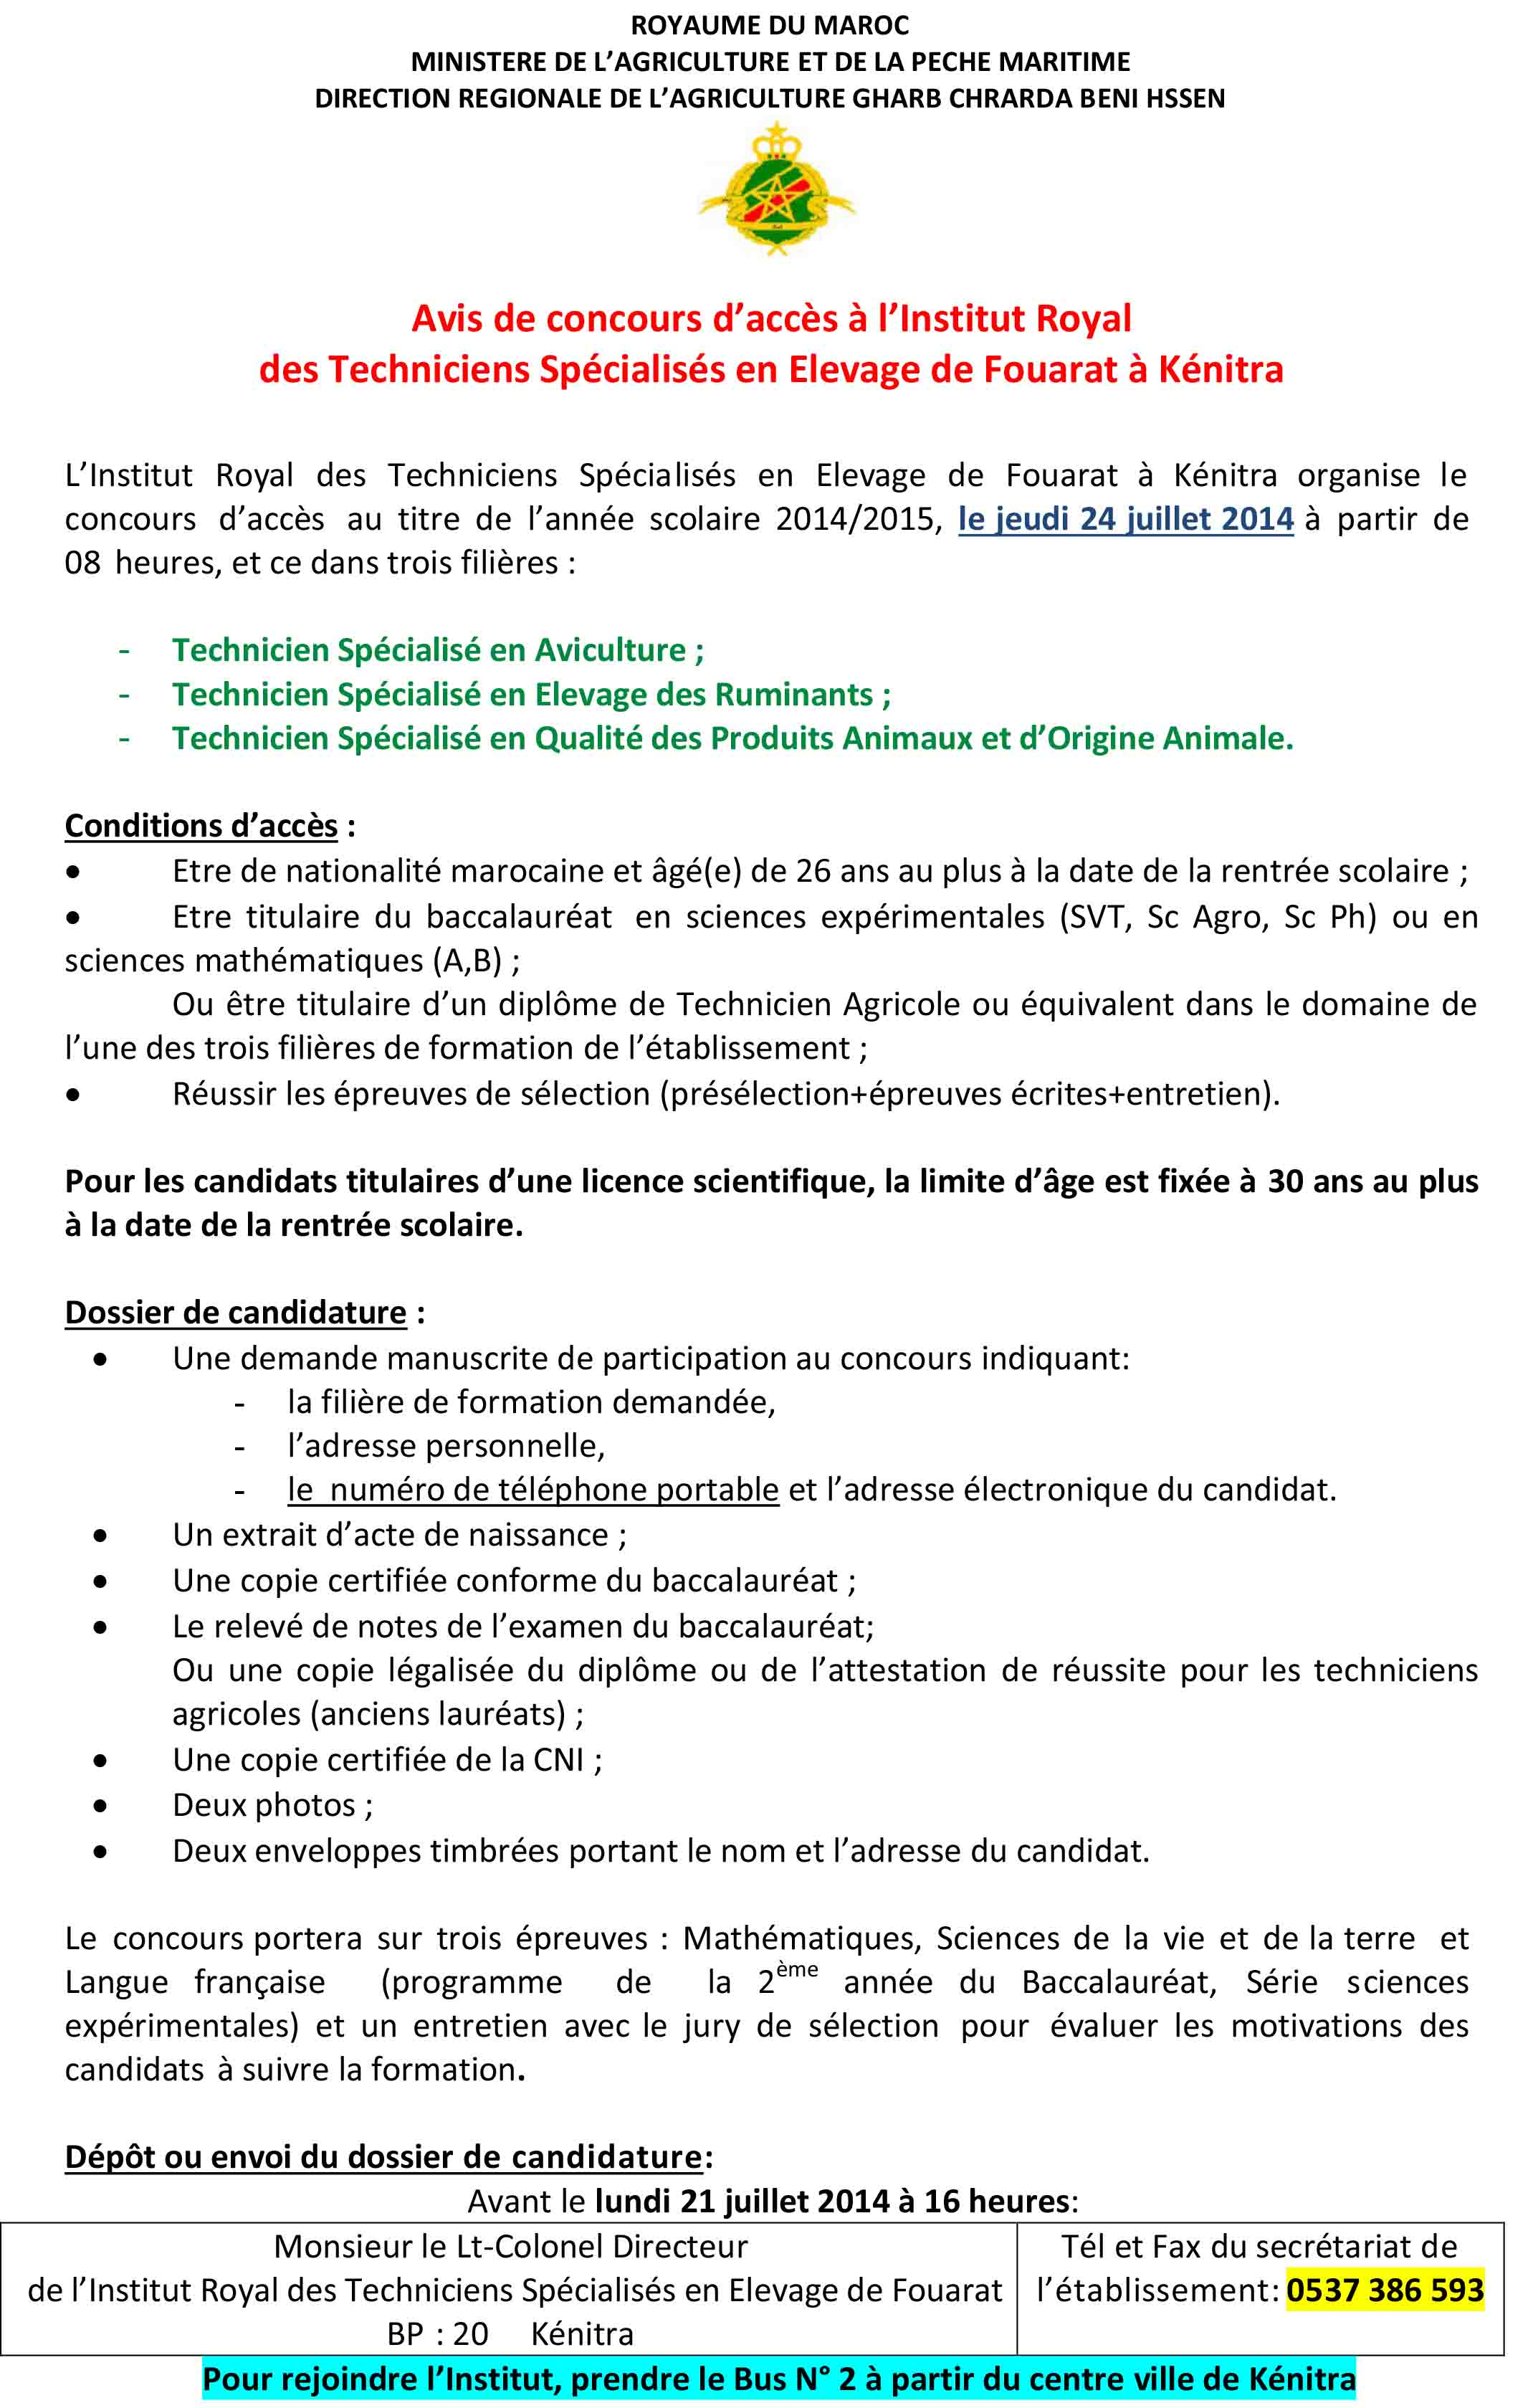 Concours niveau Technicien Spécialisé (3 filières: Aviculture, Elevage des Ruminants et Qualité des Produits Animaux et d'Origine Animale